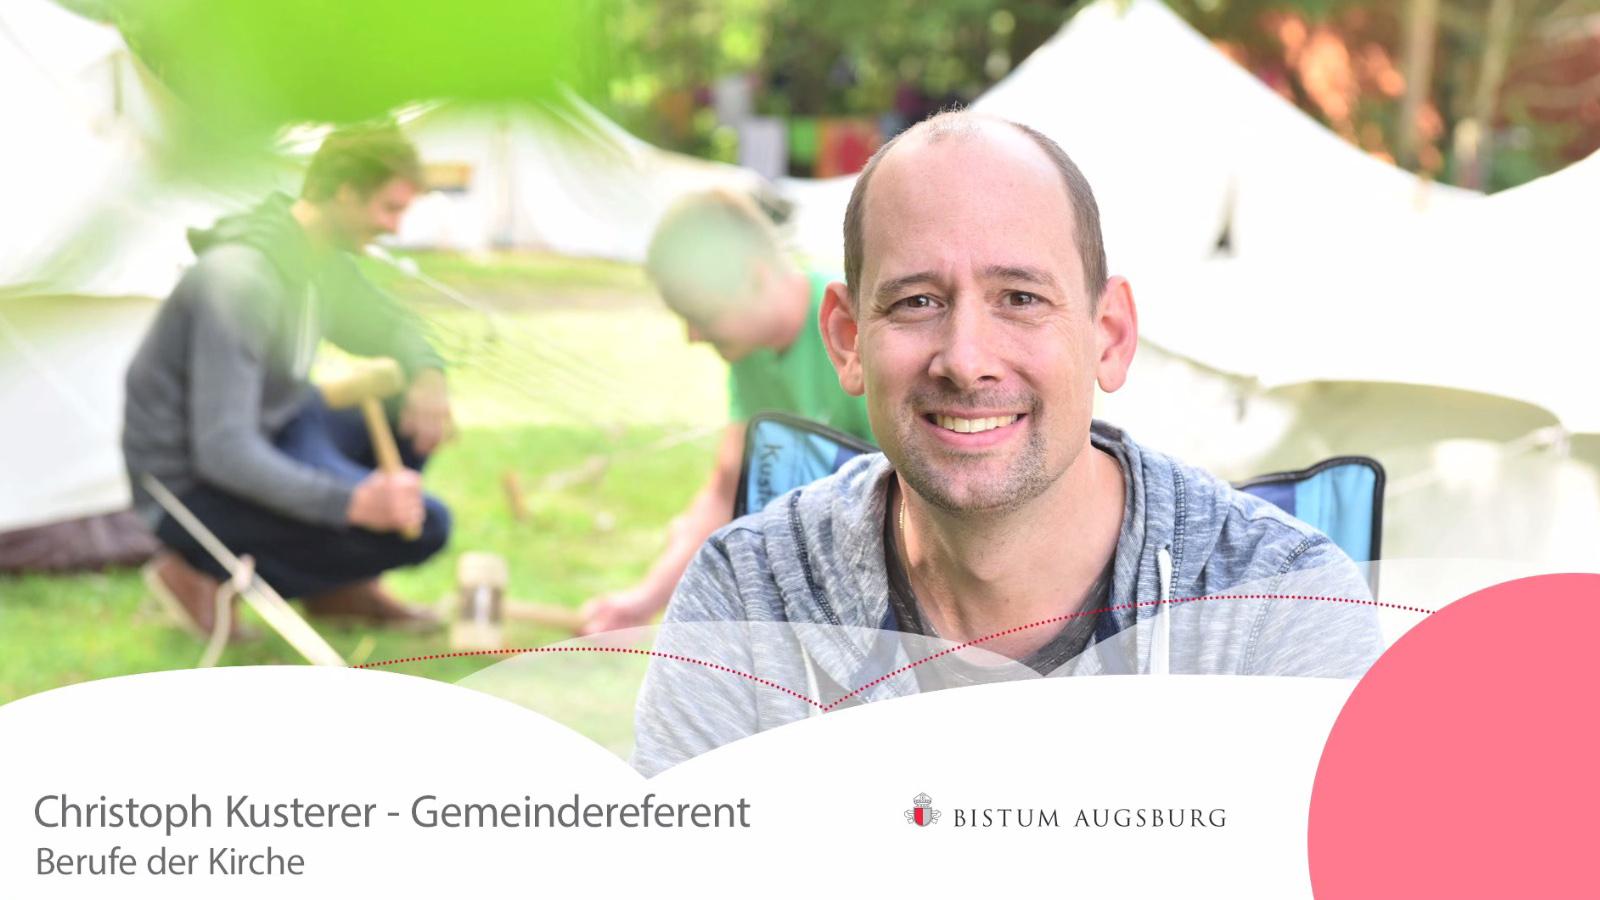 Christoph Kusterer - Gemeindereferent